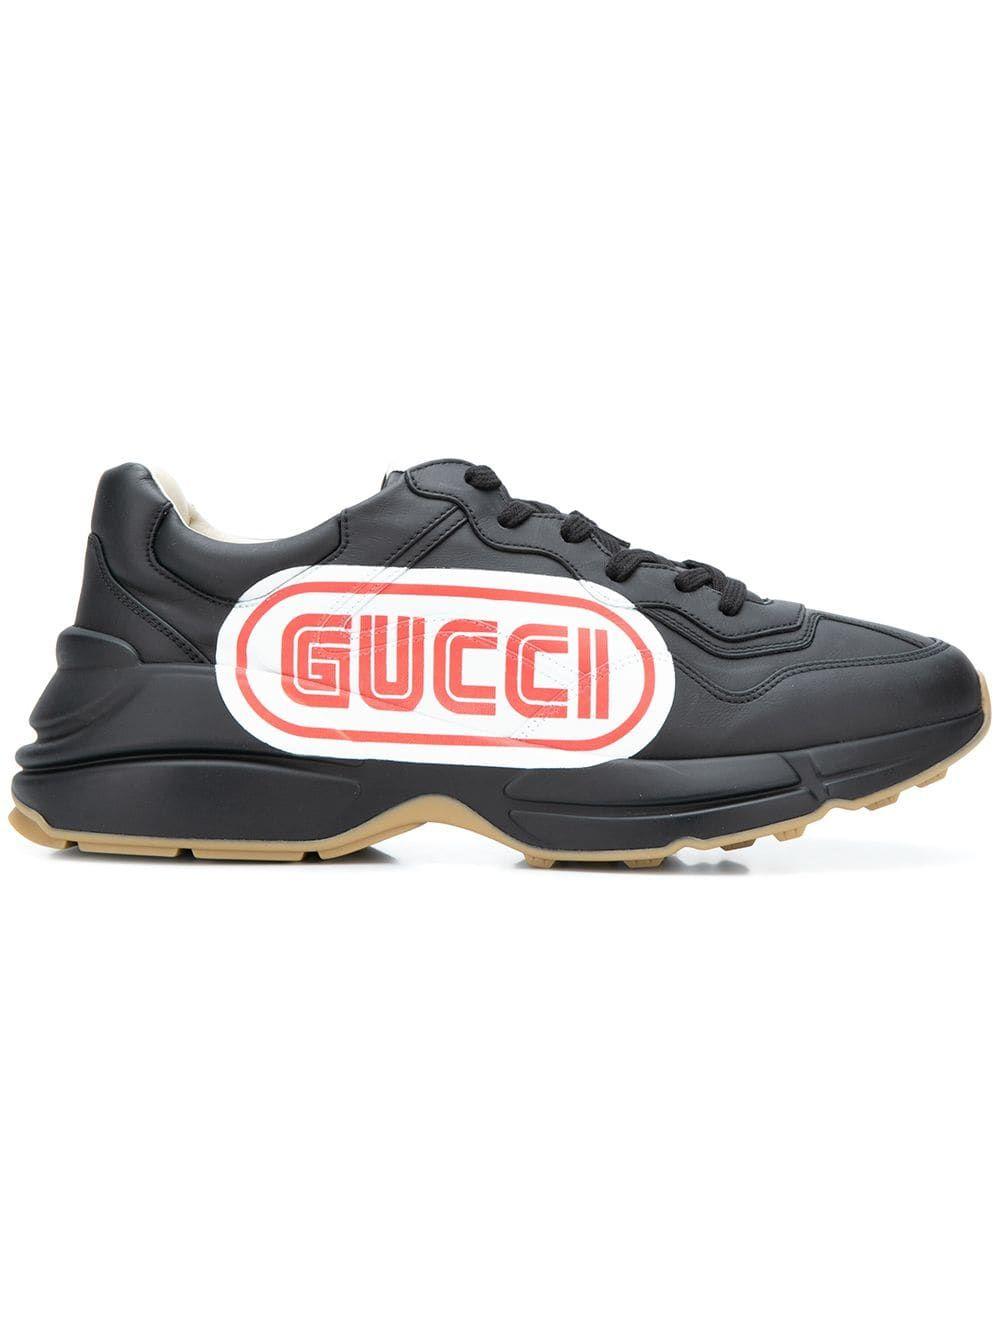 a445f520824 GUCCI GUCCI SNEA PELLE S GOMMA APOLLO - BLACK.  gucci  shoes